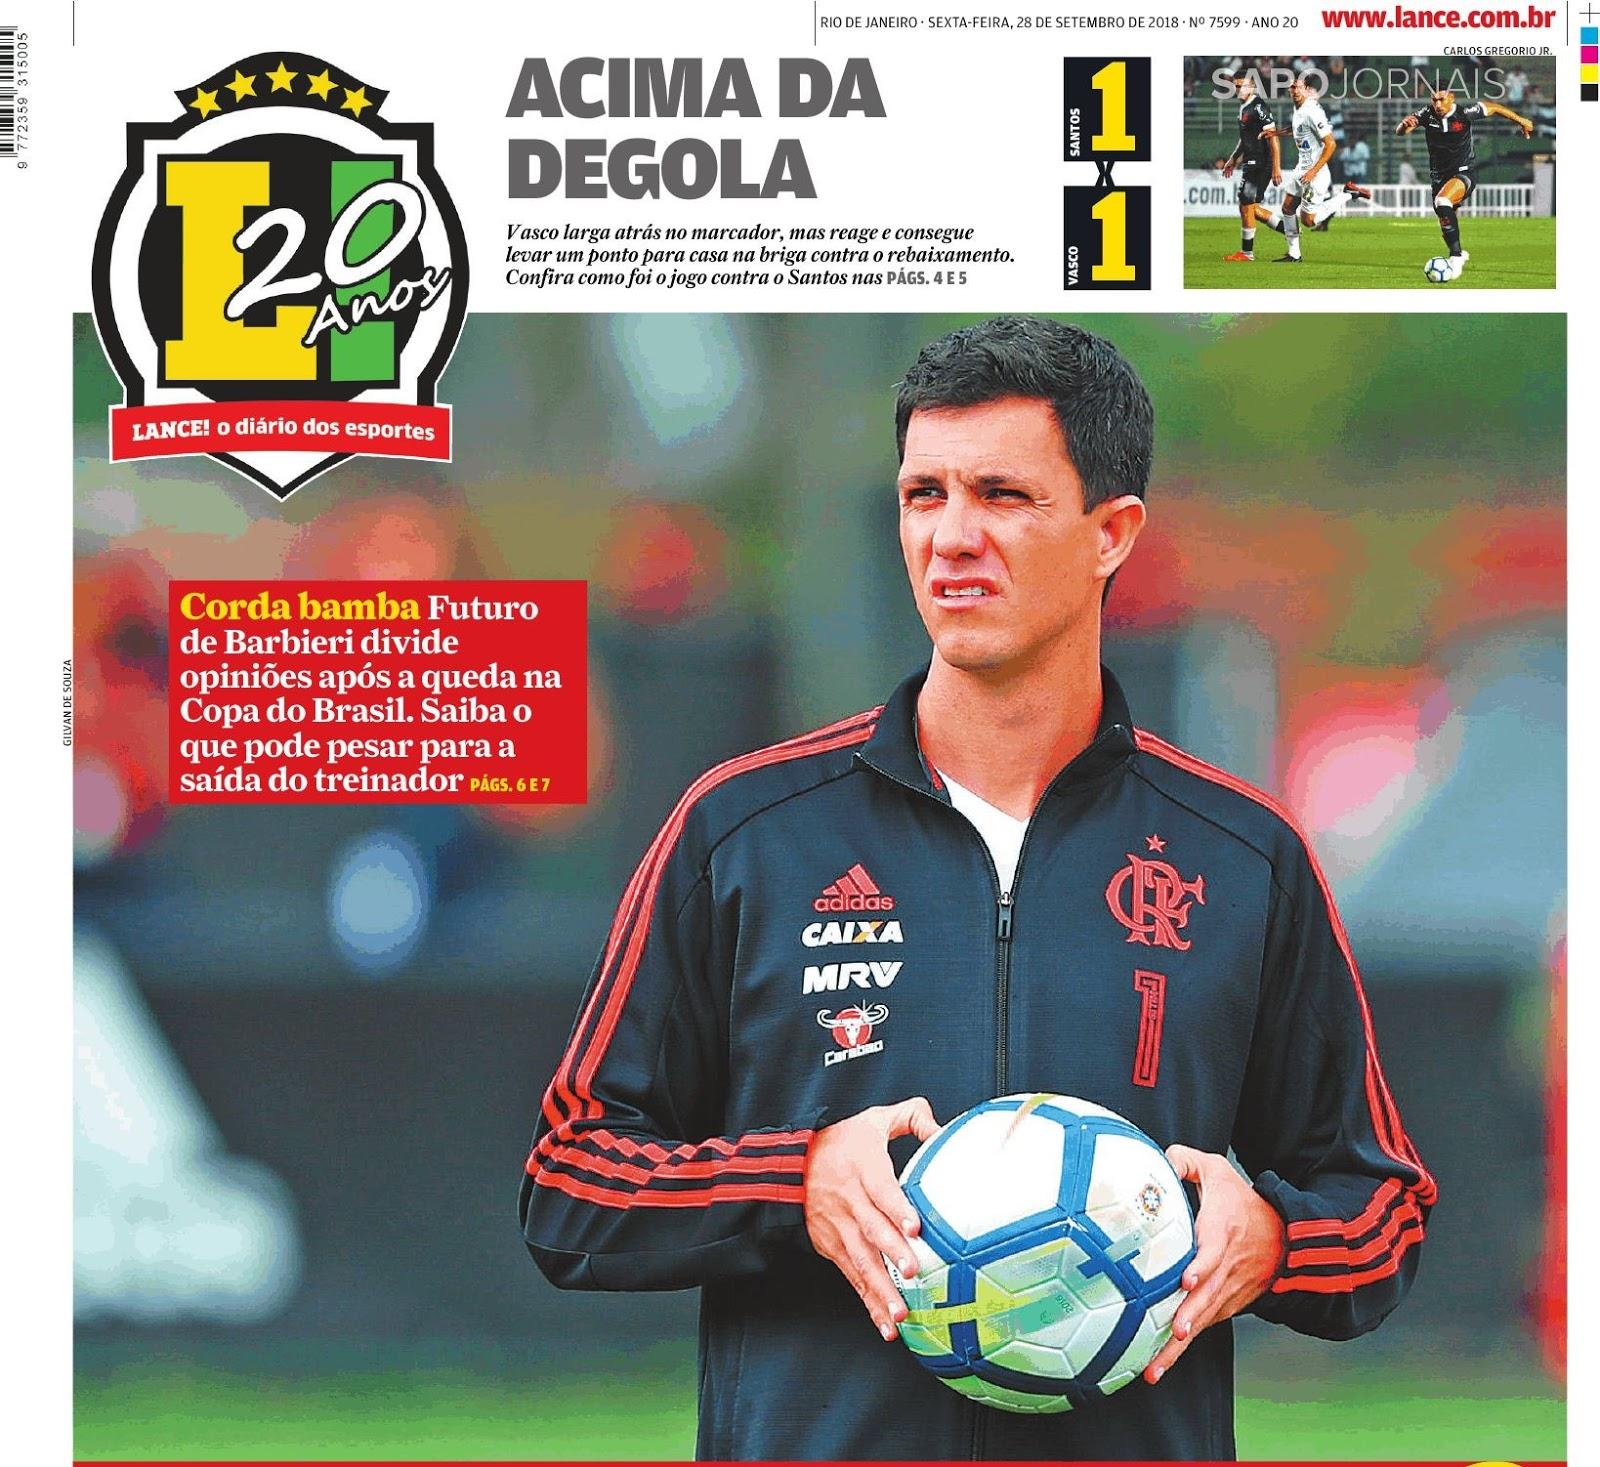 O Flamengo divulgou nota em seu site oficial na manhã desta sexta-feira  (29) anunciando a demissão do técnico Maurício Barbieri. A saída acontece  dois dias ... 5df69cf7f569b